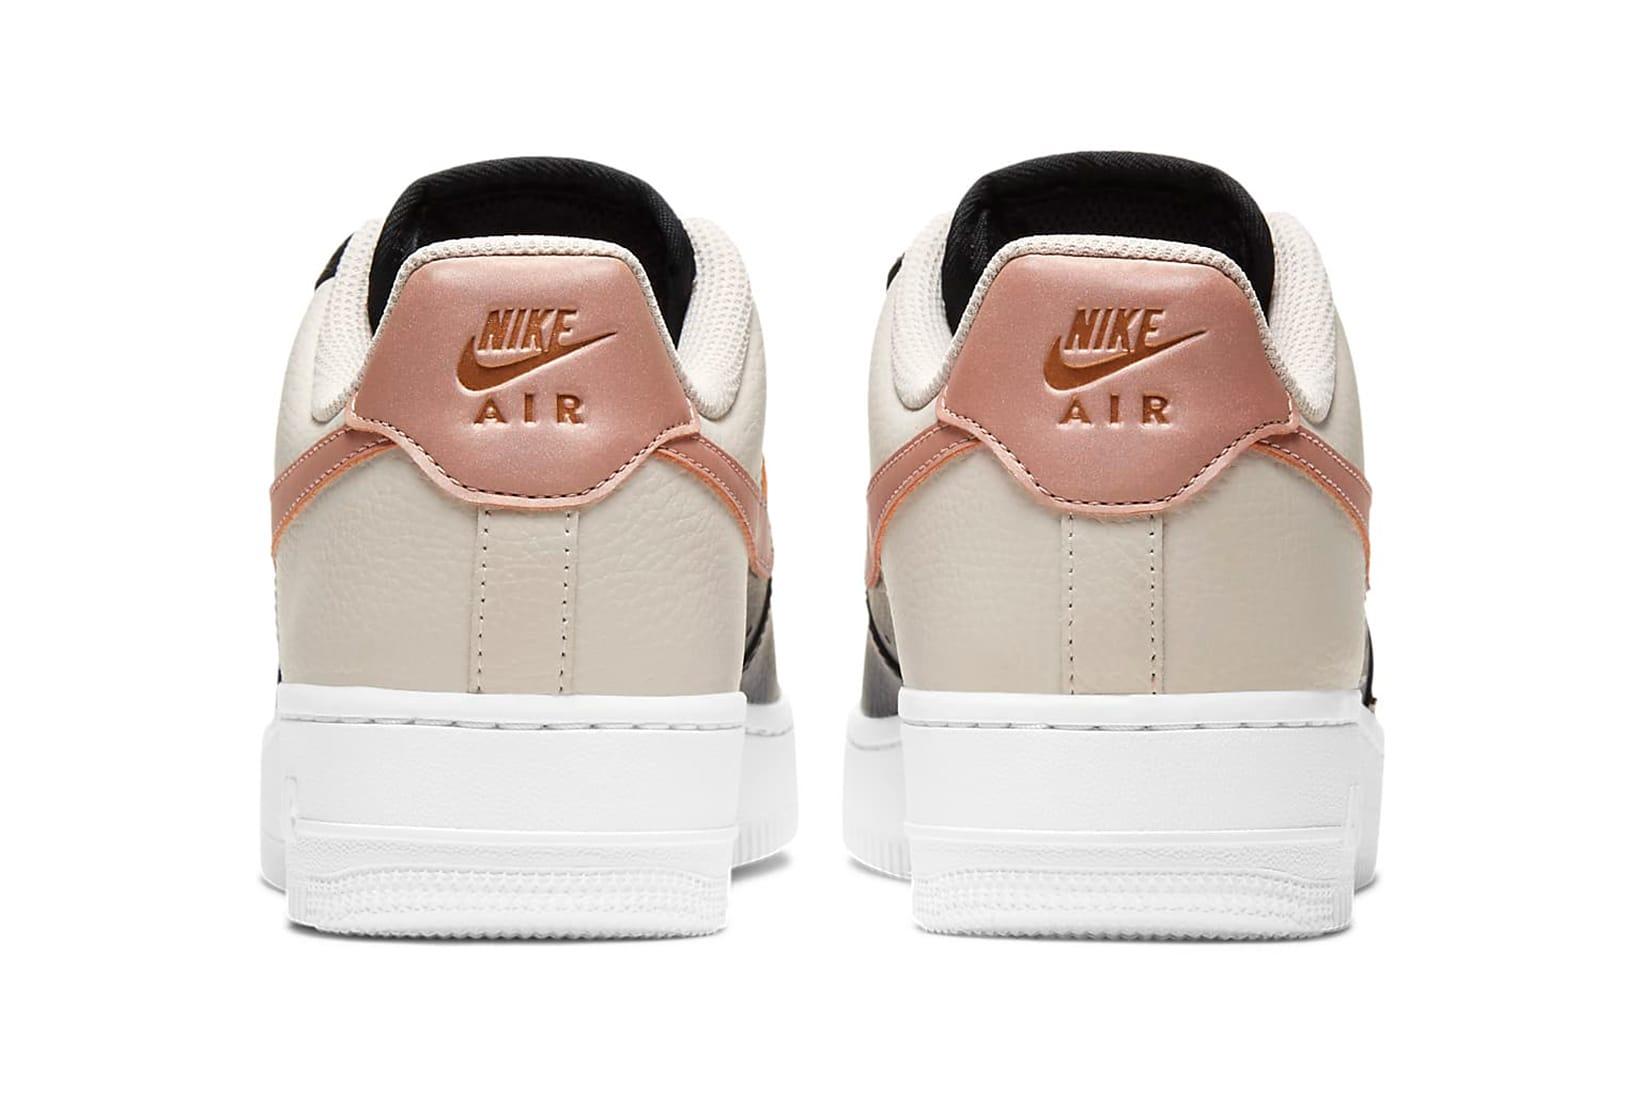 Nike Air Force 1 '07 Black/Pink/Beige